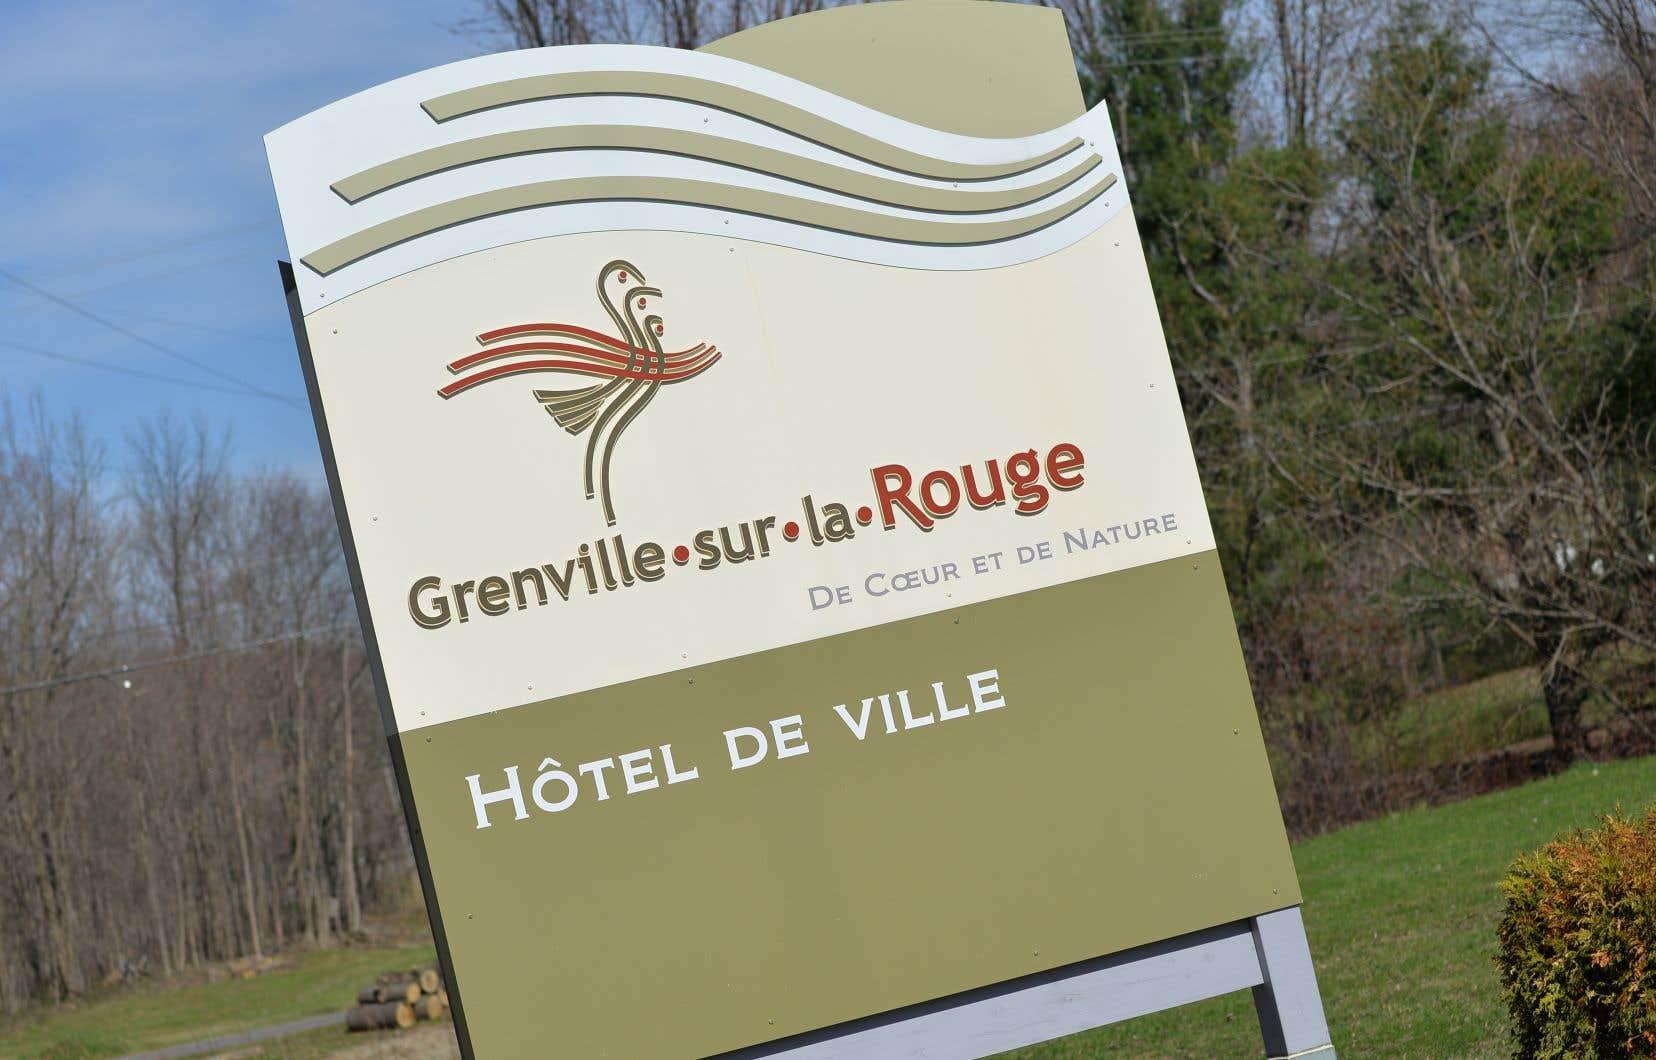 L'entreprise de Vancouver poursuivait Grenville-sur-la-Rouge, municipalité de 2800 âmes, pour avoir modifié son règlement de zonage, ce qui a mis un frein à son projet d'y exploiter une carrière de marbre et une mine de graphite à ciel ouvert.